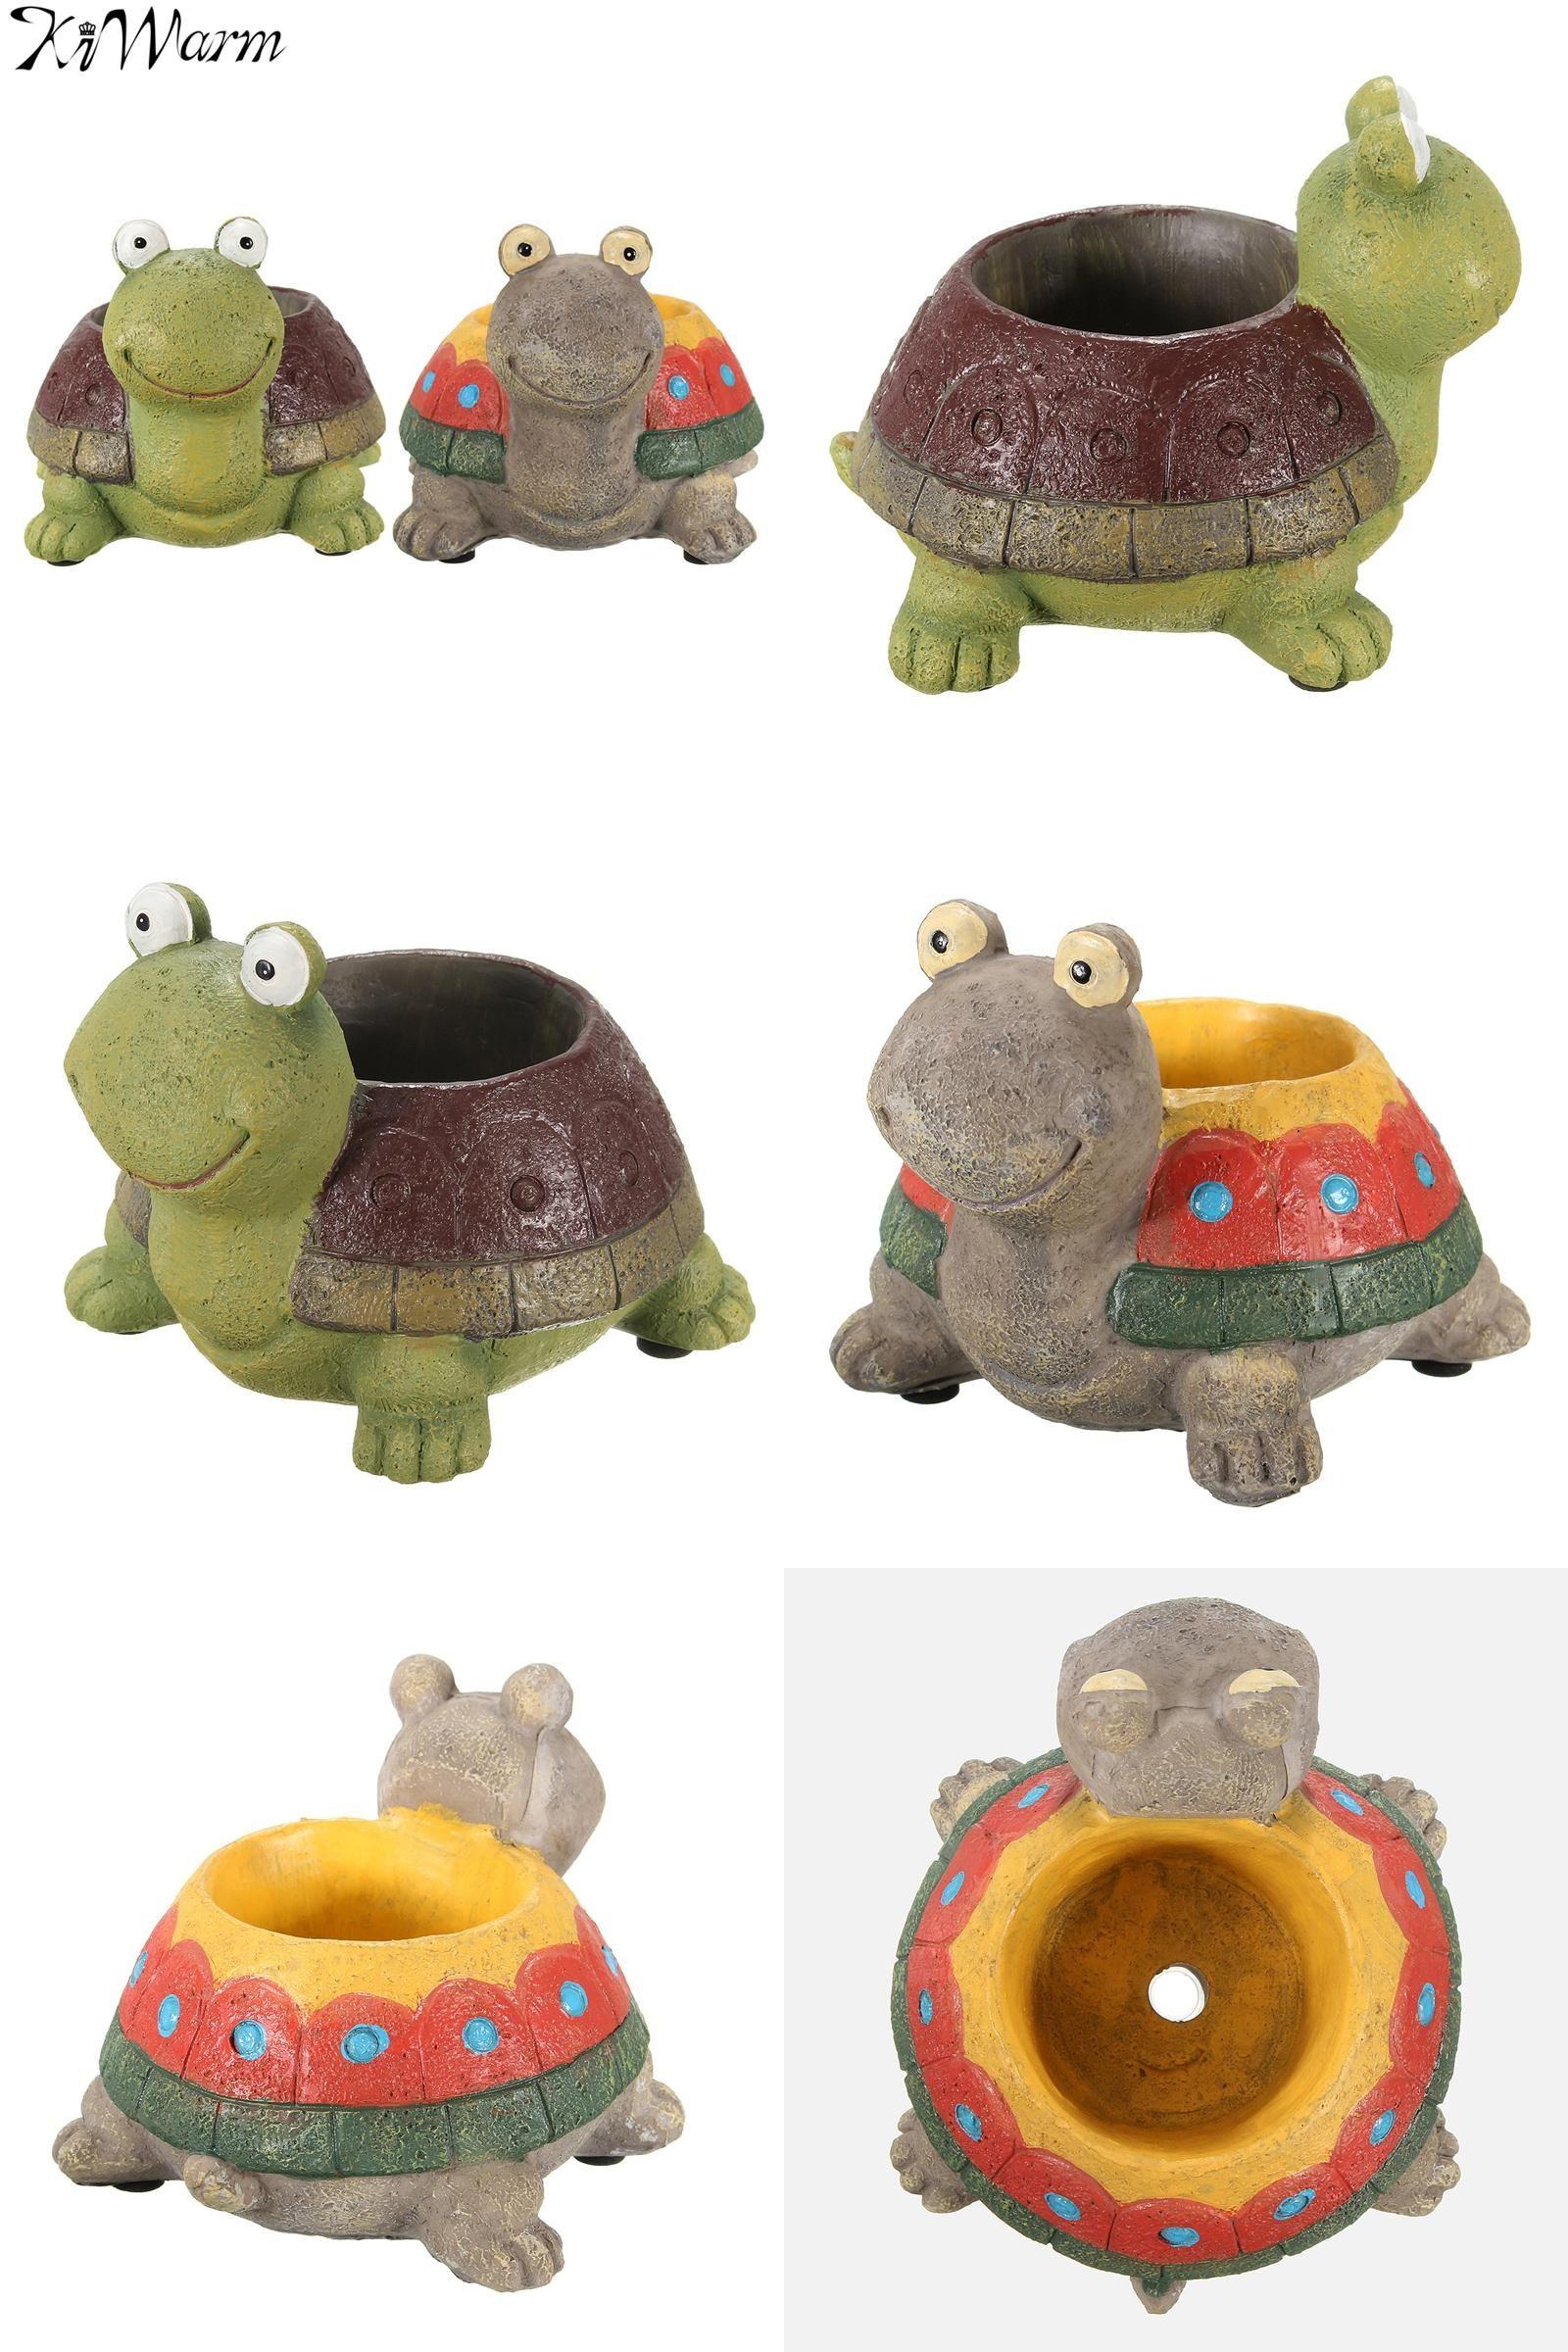 Car mirror hanging toys  Visit to Buy KiWarm Miniatures Turtle Resin Crafts Plant Pot